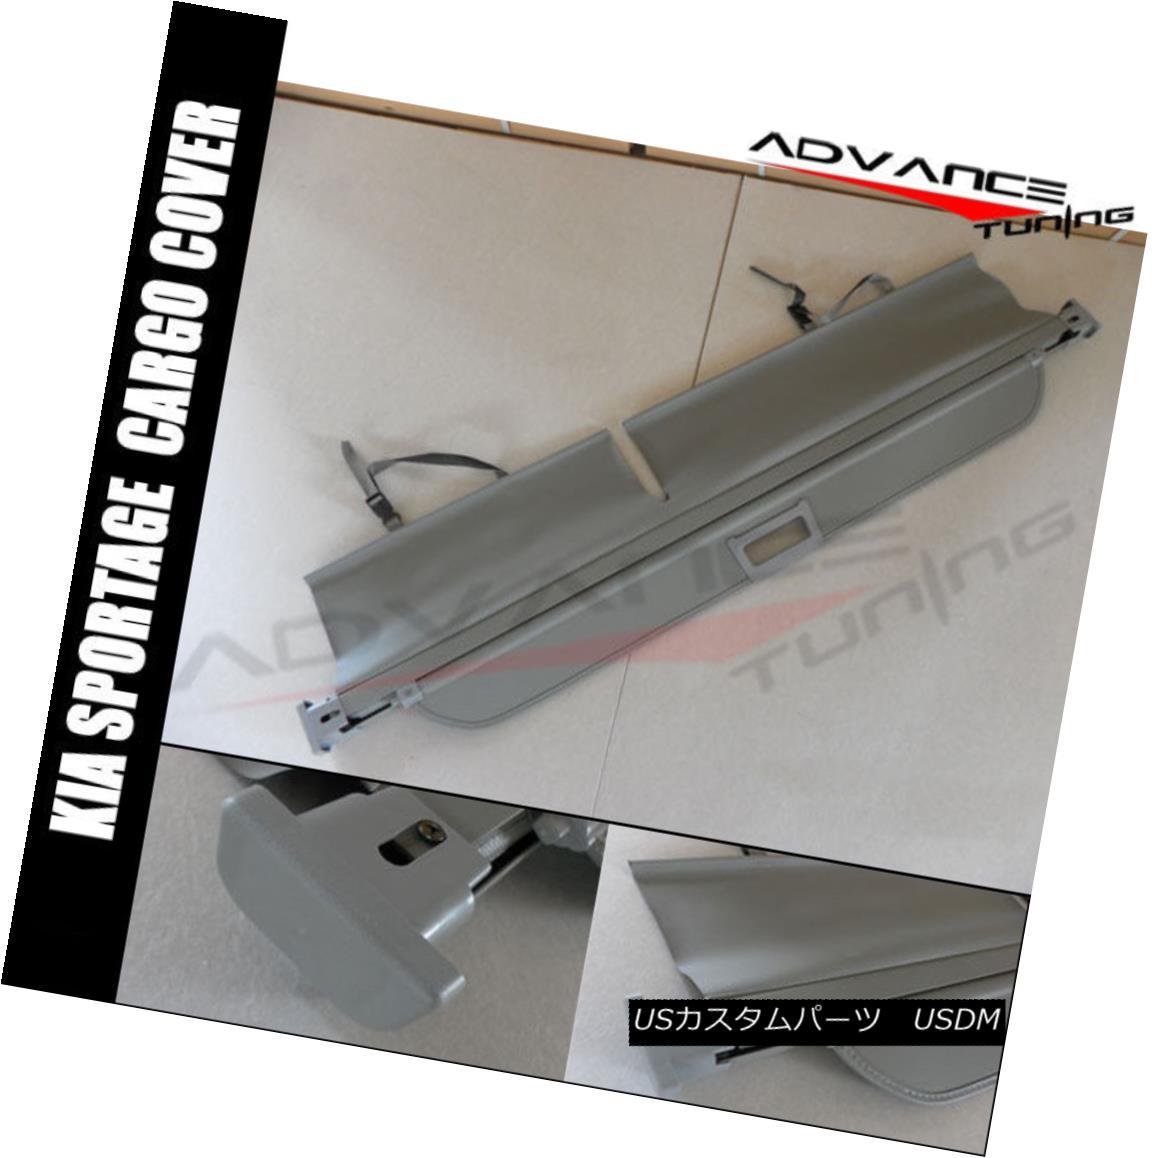 エアロパーツ For Fit 06-10 Kia Sportage OE Style Retractable Rear Cargo Security Cover Gray Fit 06-10 Kia Sportage OEスタイルリトラクタブルリアカーゴセキュリティカバーグレー